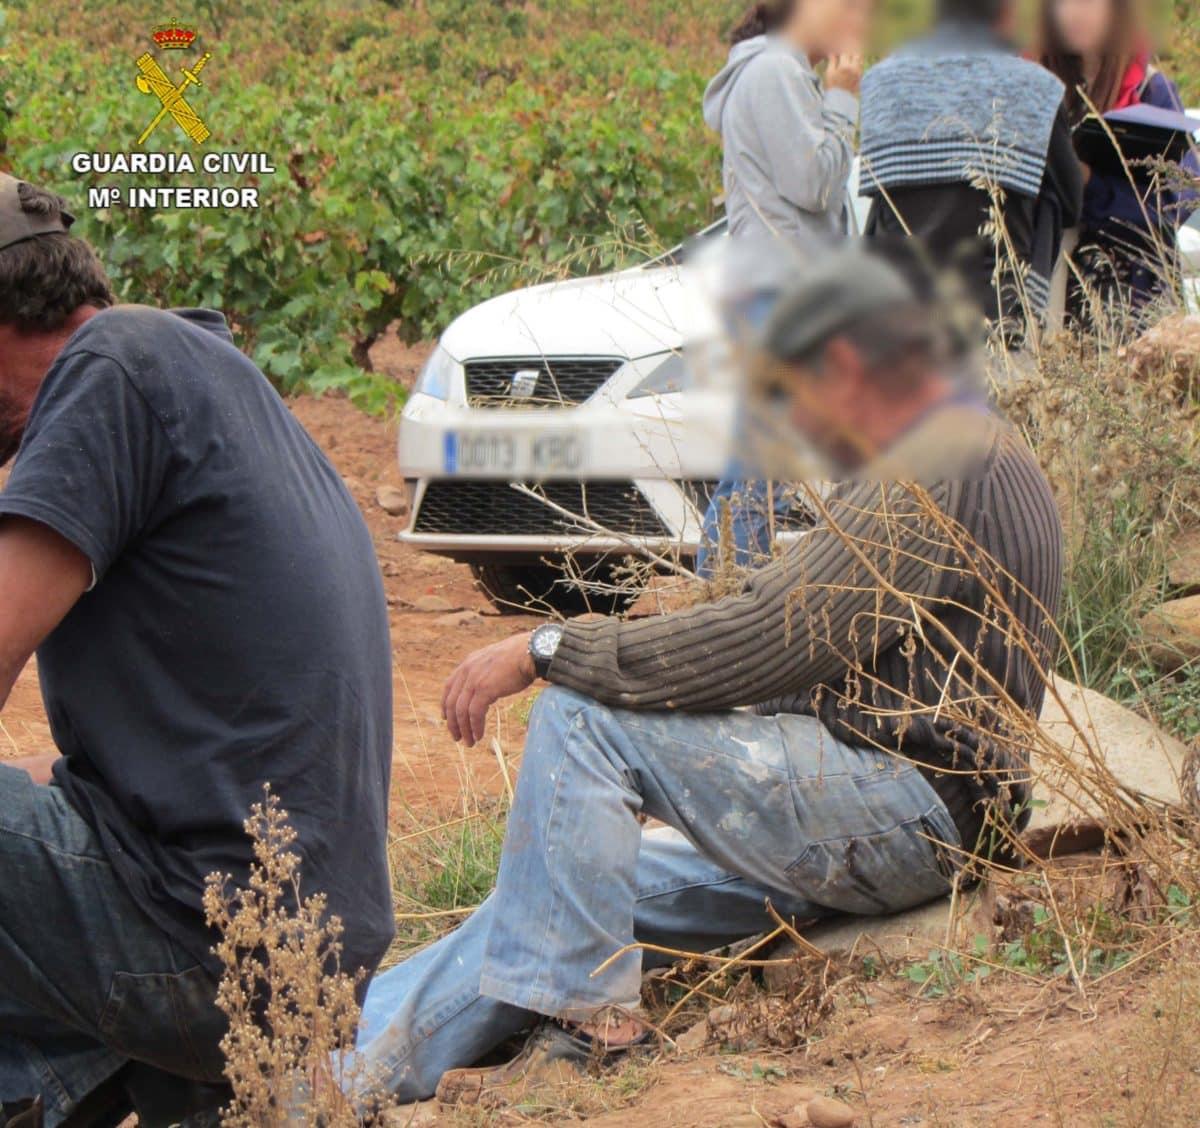 Golpe de la Guardia Civil a la explotación laboral en La Rioja 1